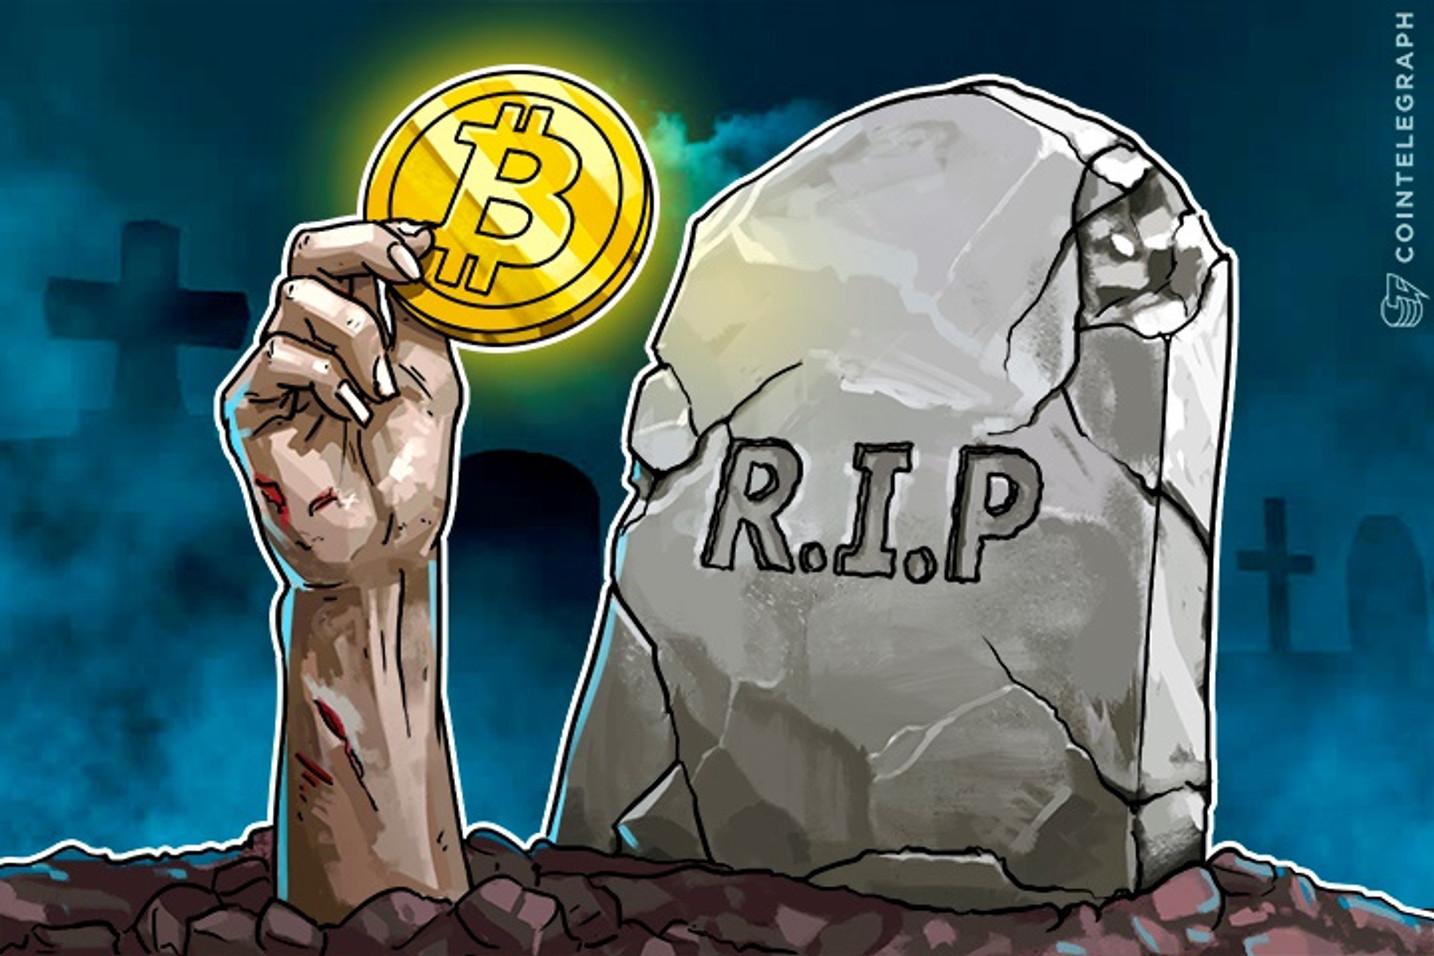 Where Will a Dead Man's Bitcoins Go?